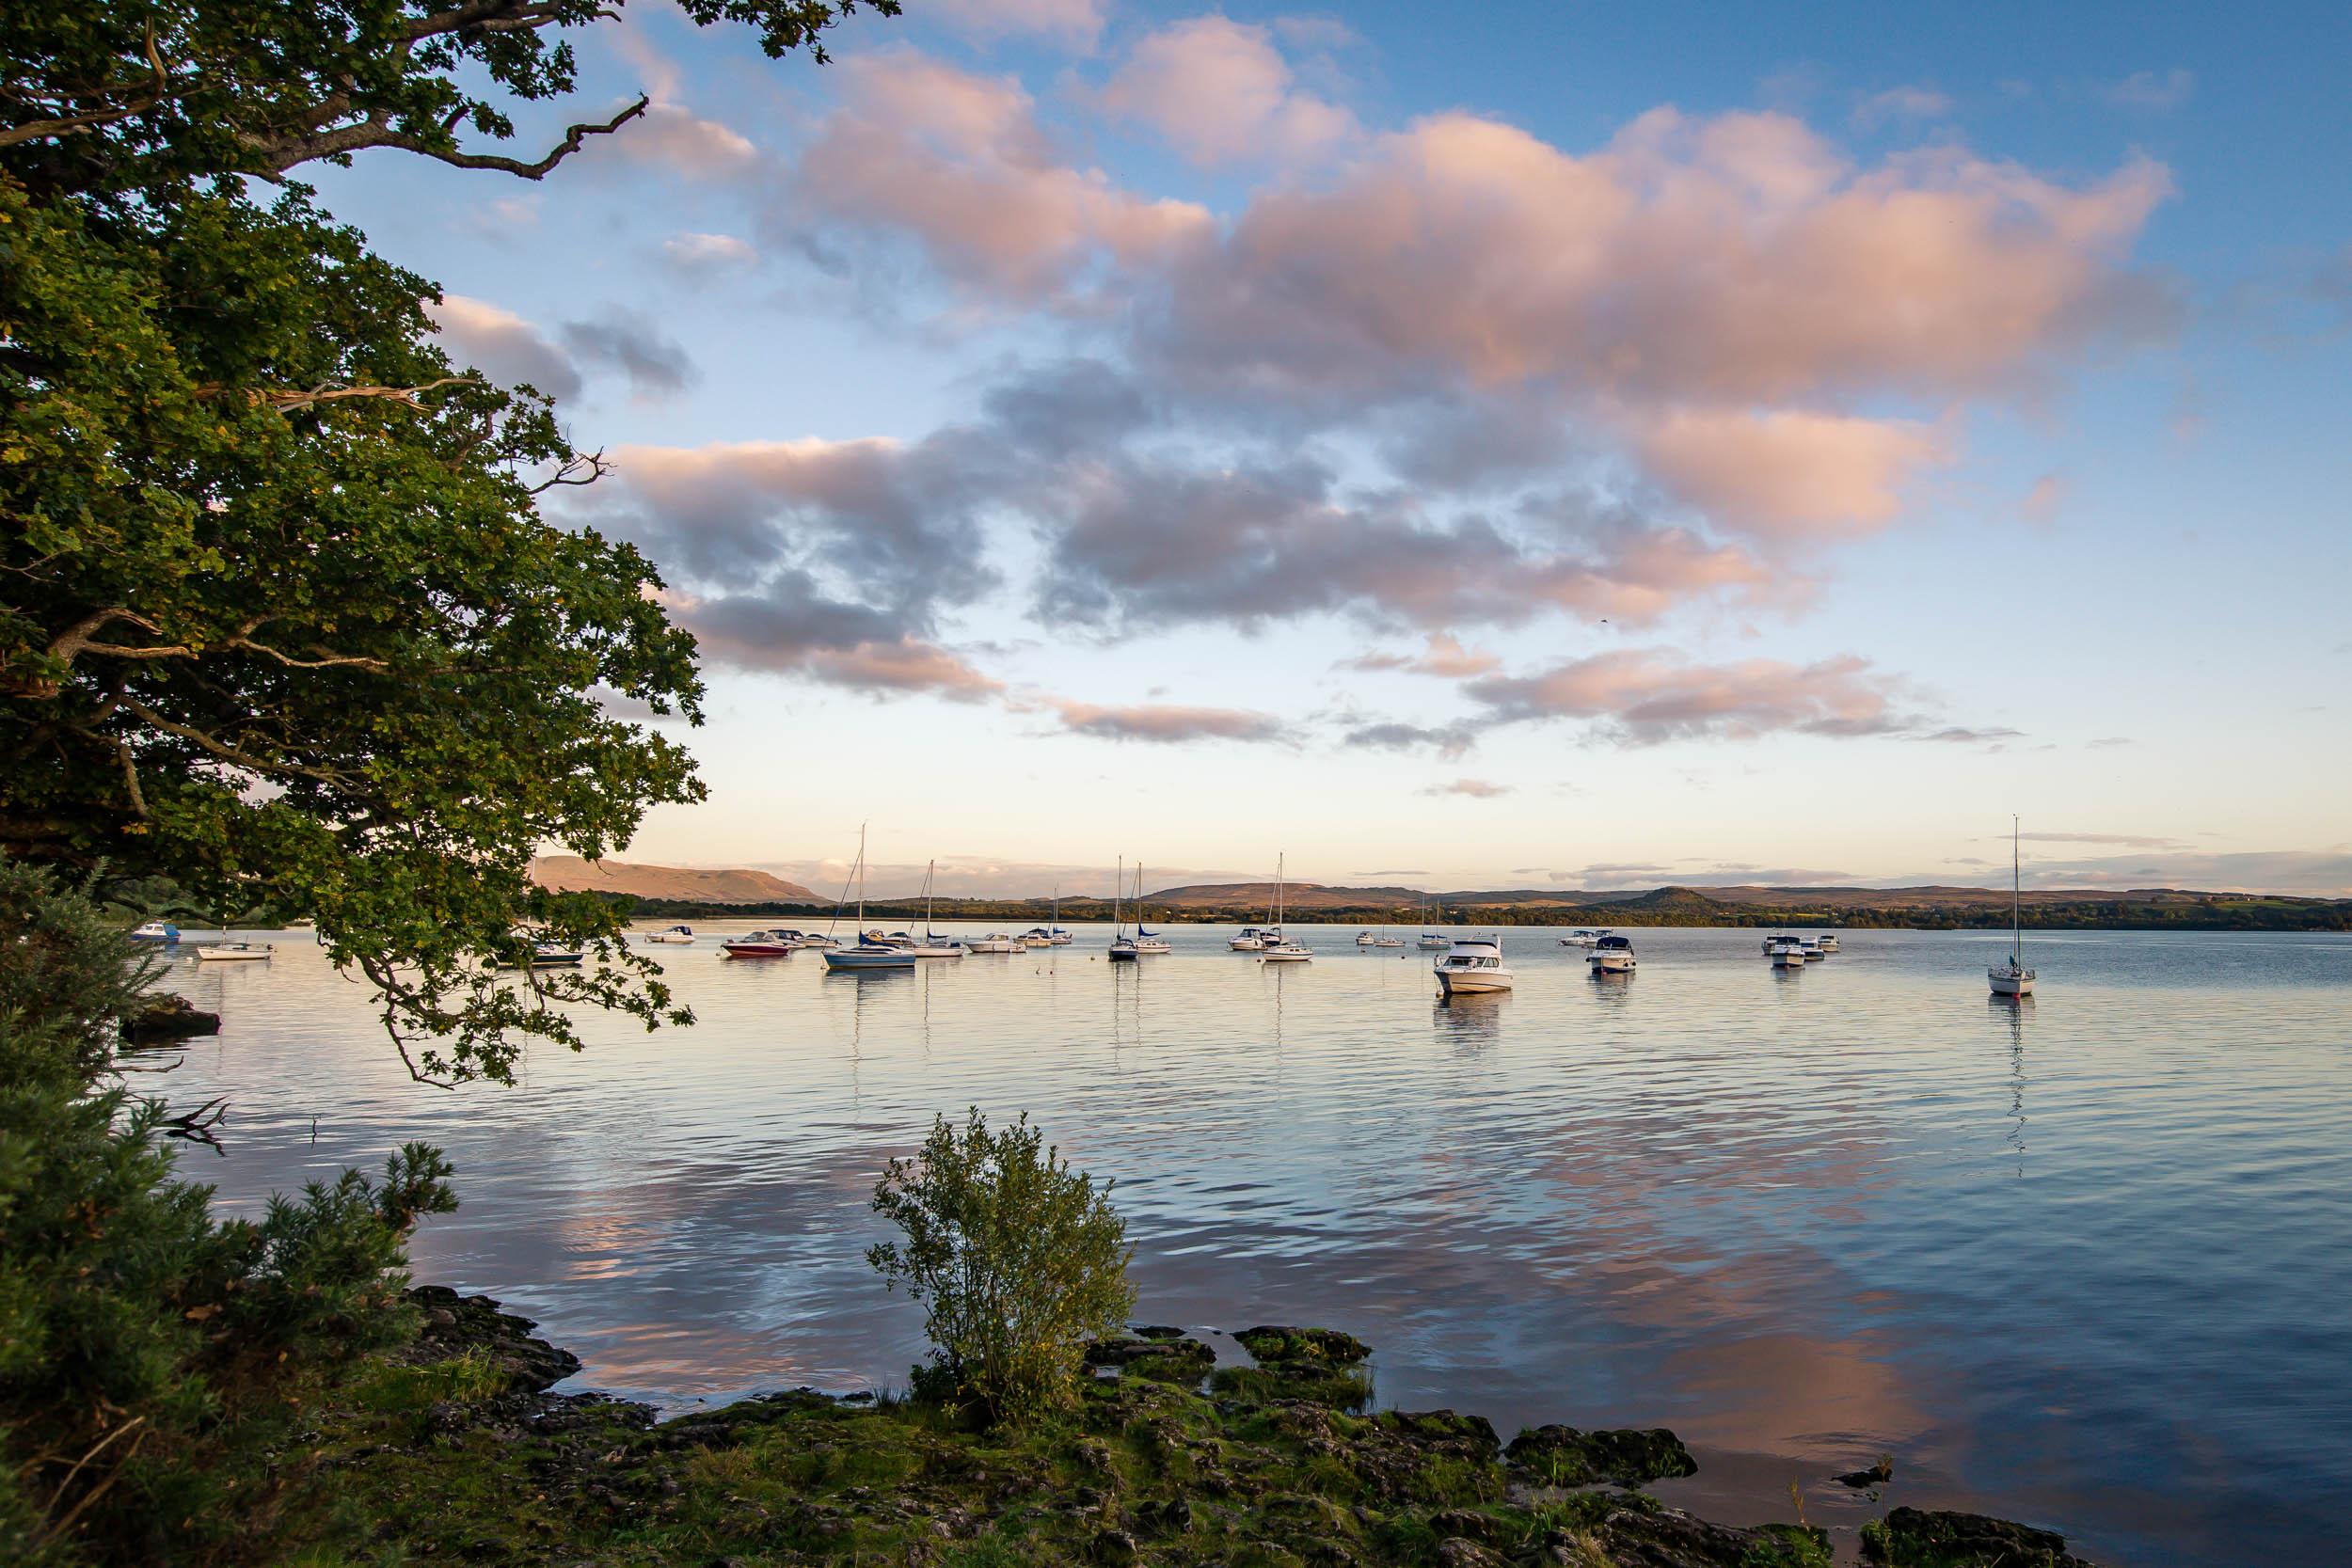 Balmaha Bay, Loch Lomond